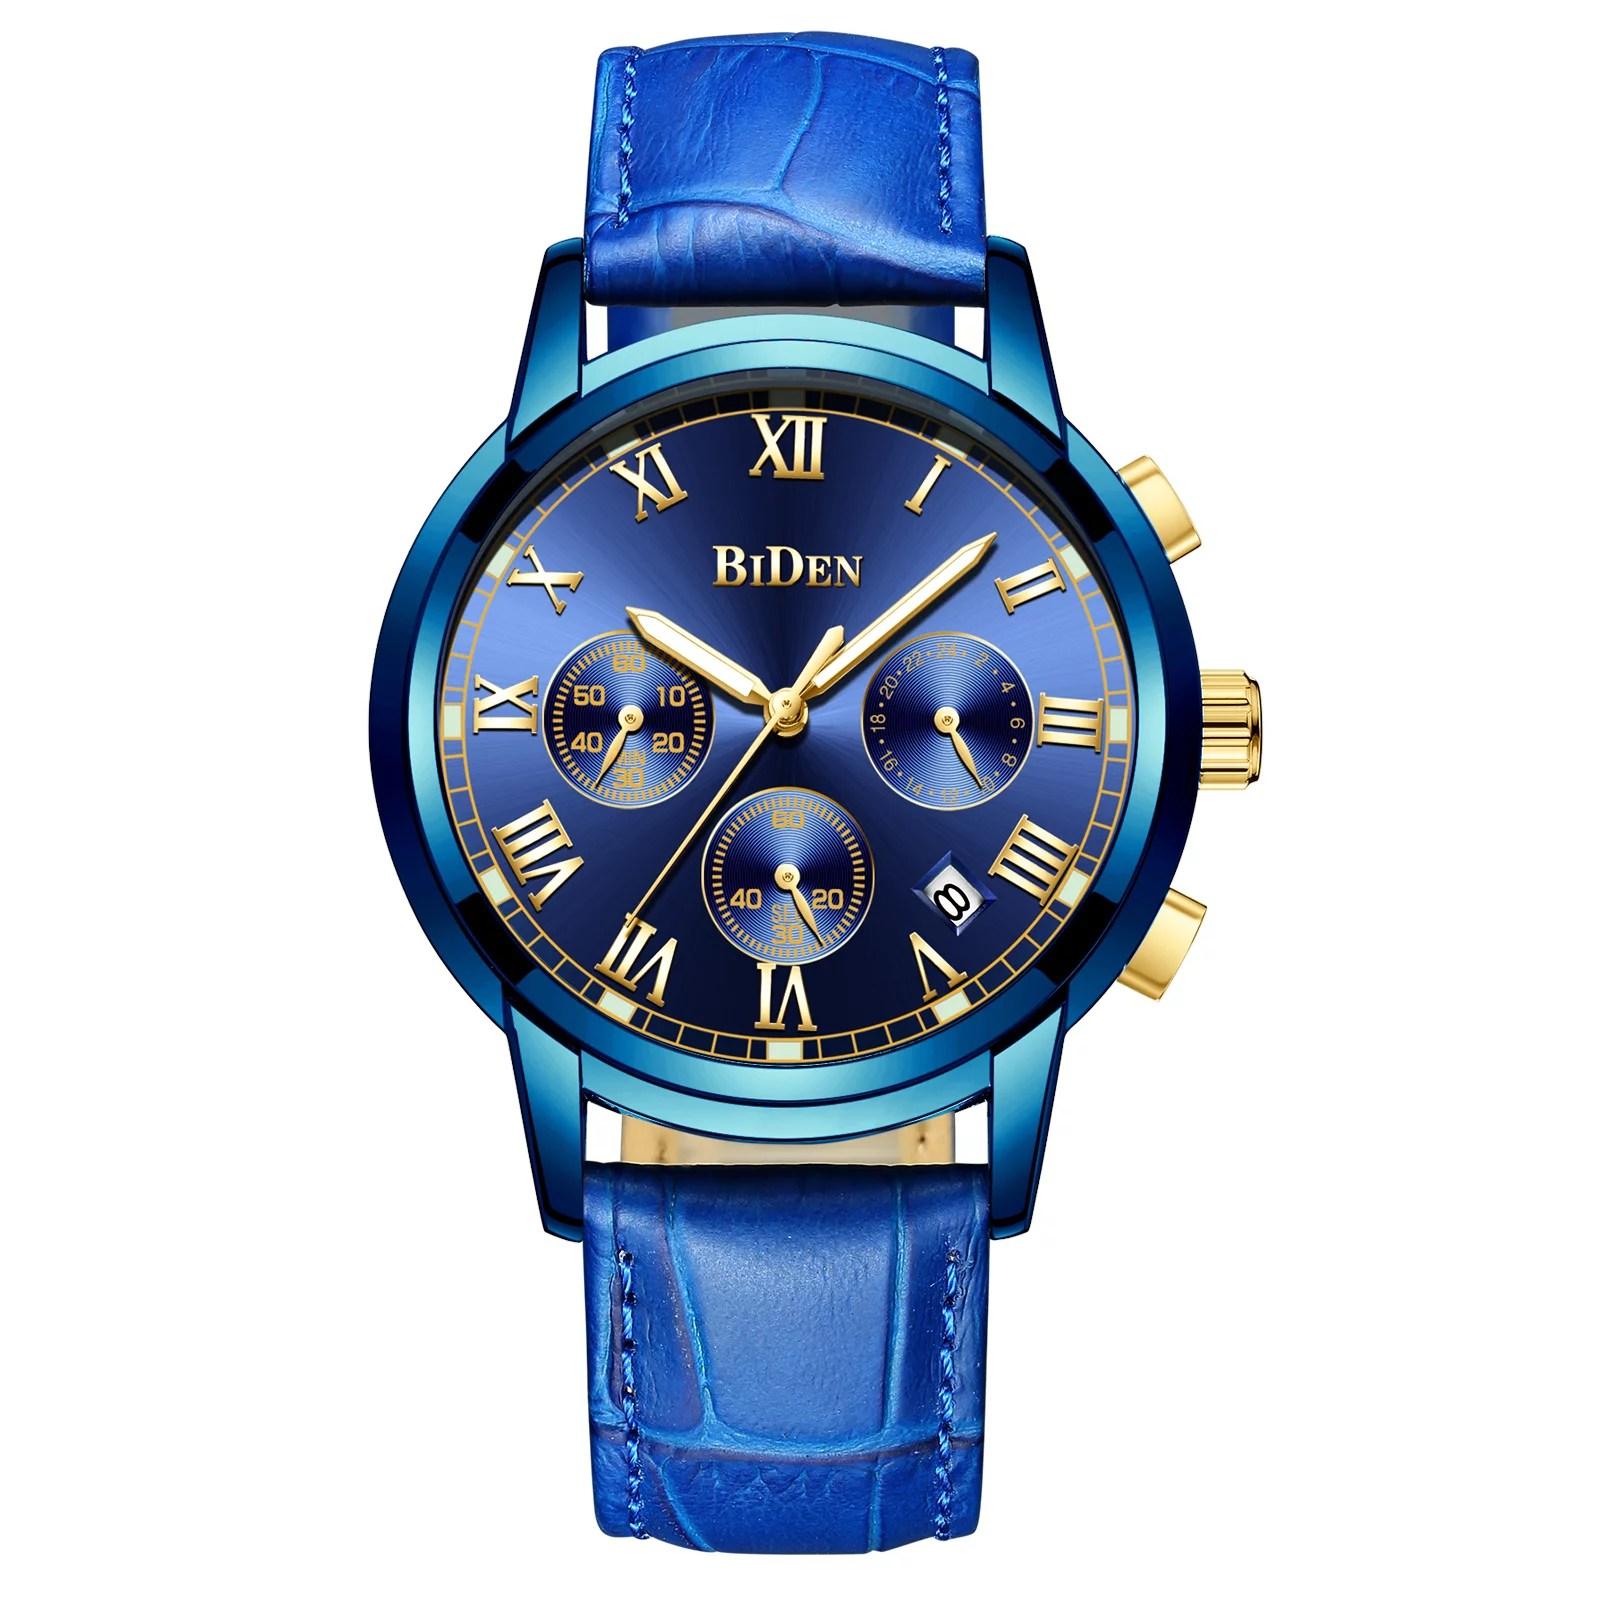 Ess Mens Quartz Watch Blue Face Leather Strap 3 Dials